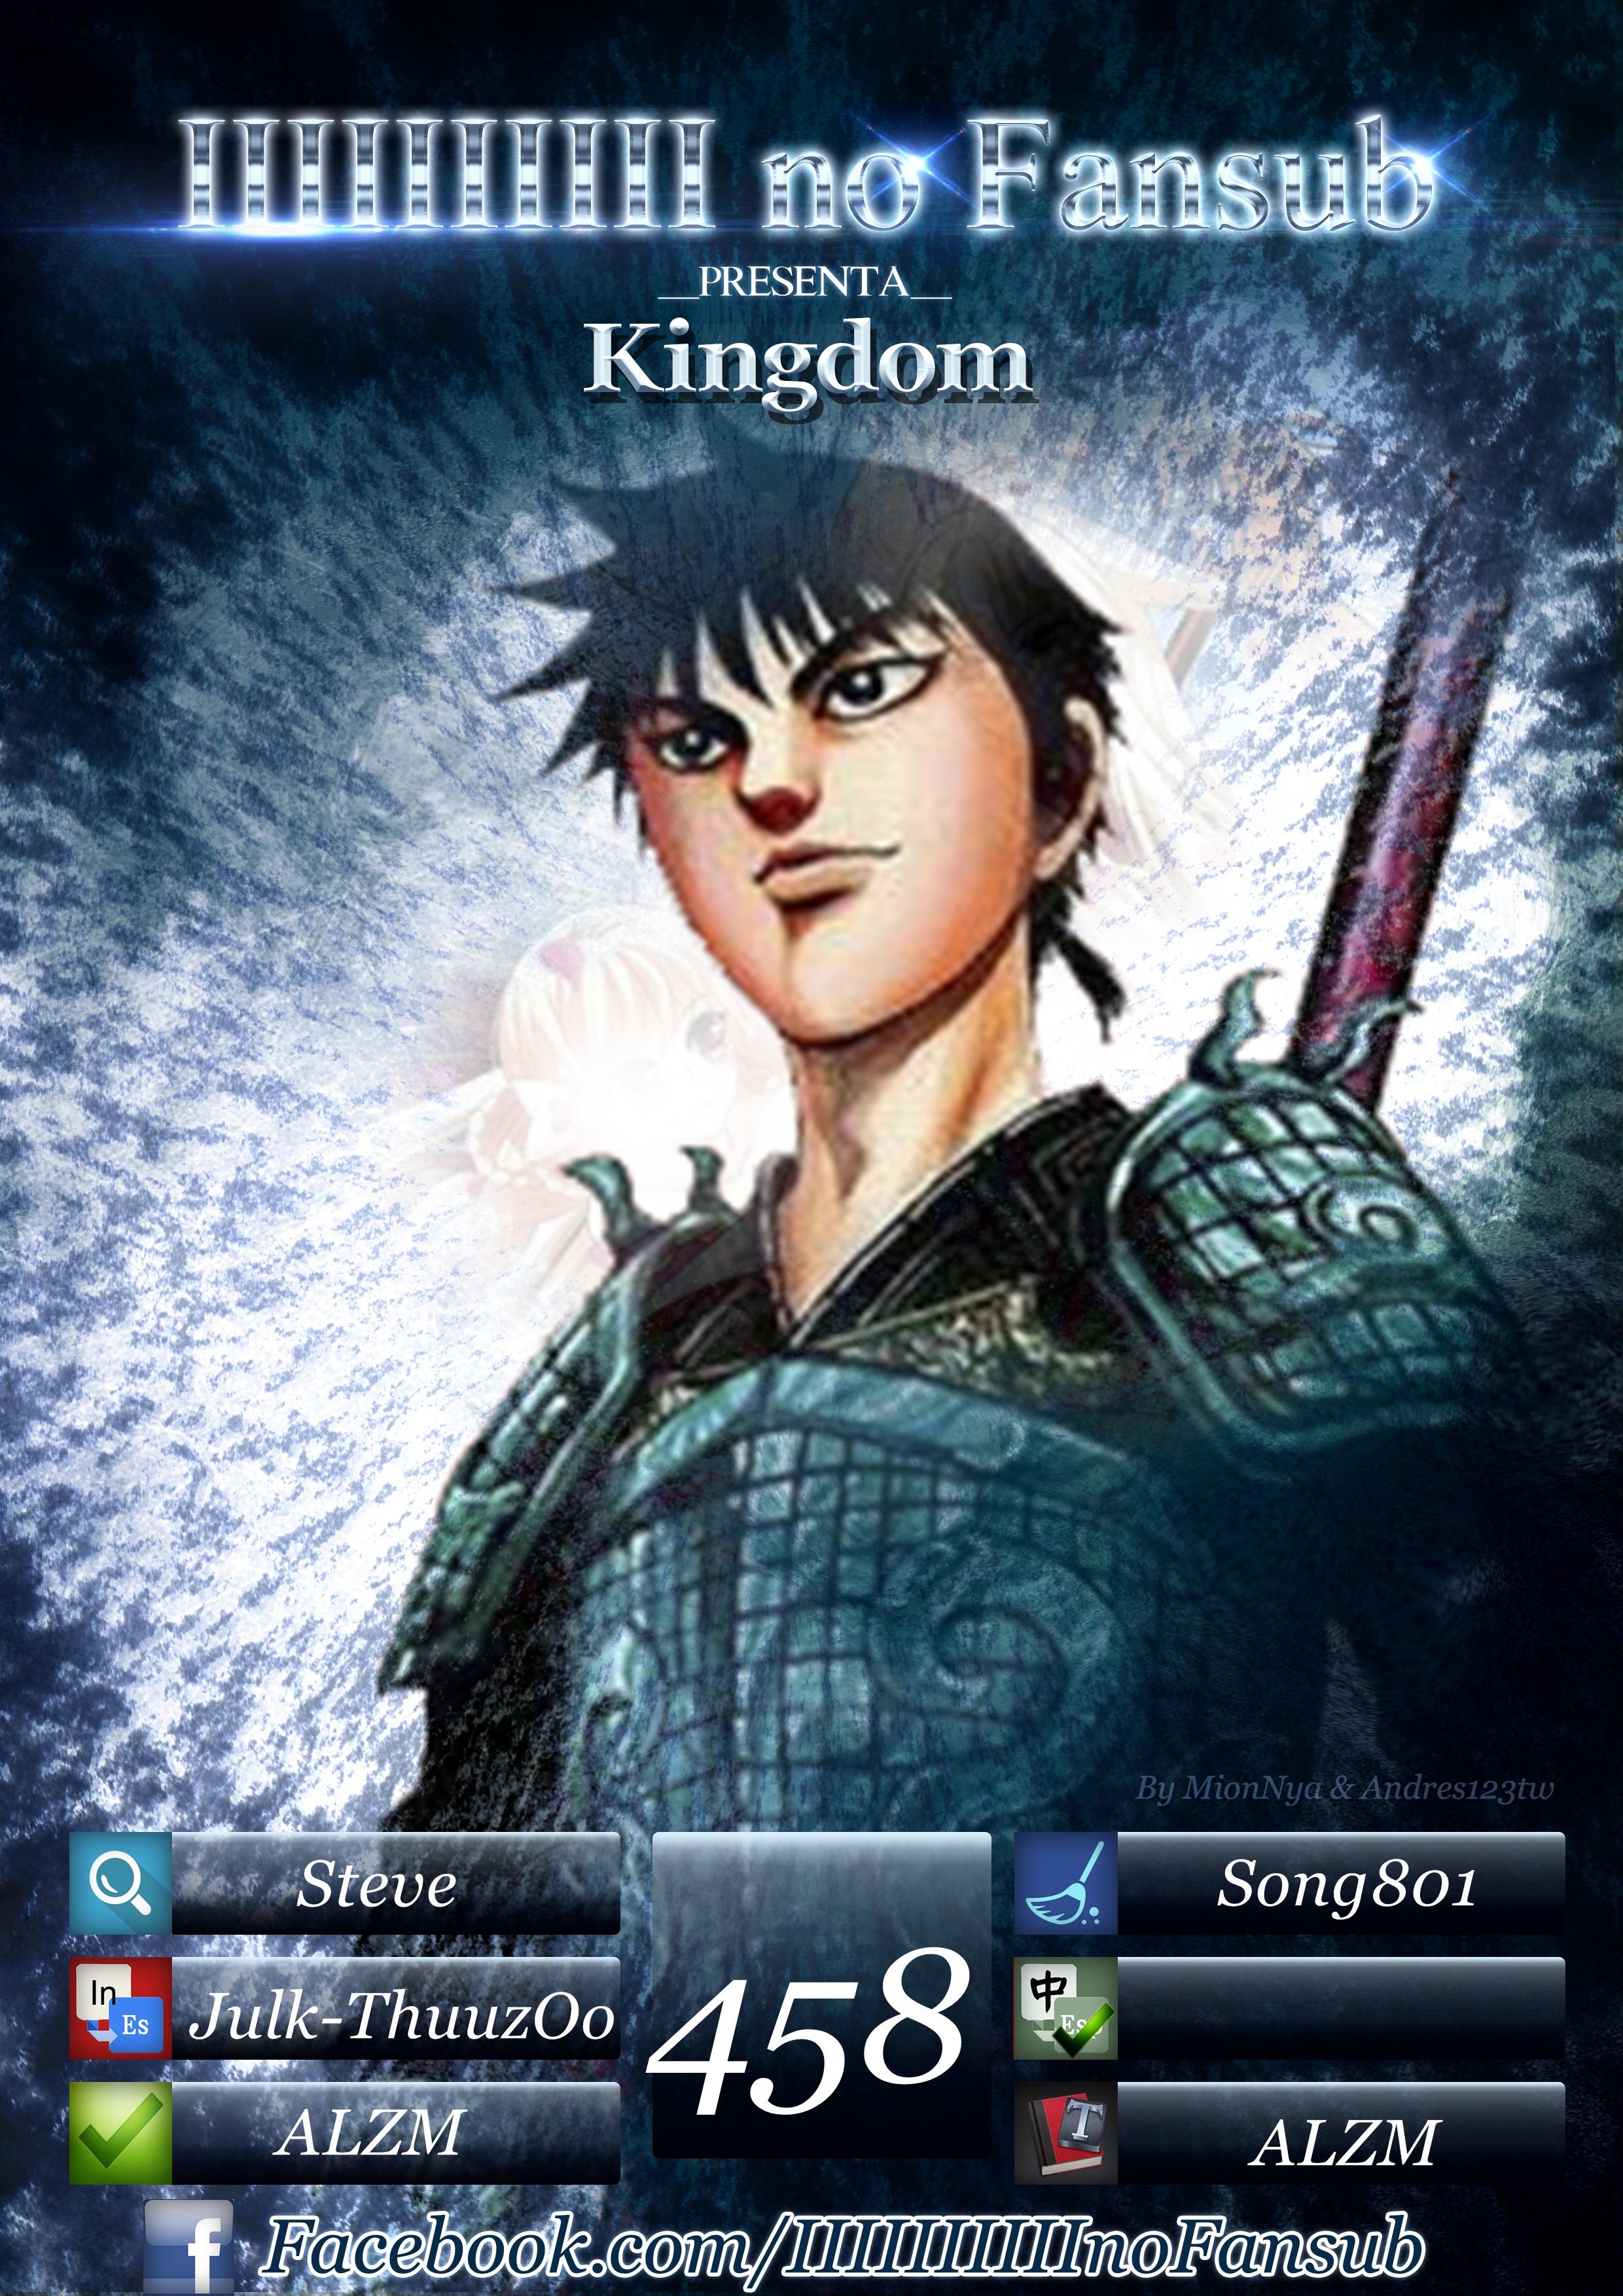 http://c5.ninemanga.com/es_manga/19/12307/437327/376d41c34fac1e911e7e197b6a28270e.jpg Page 1